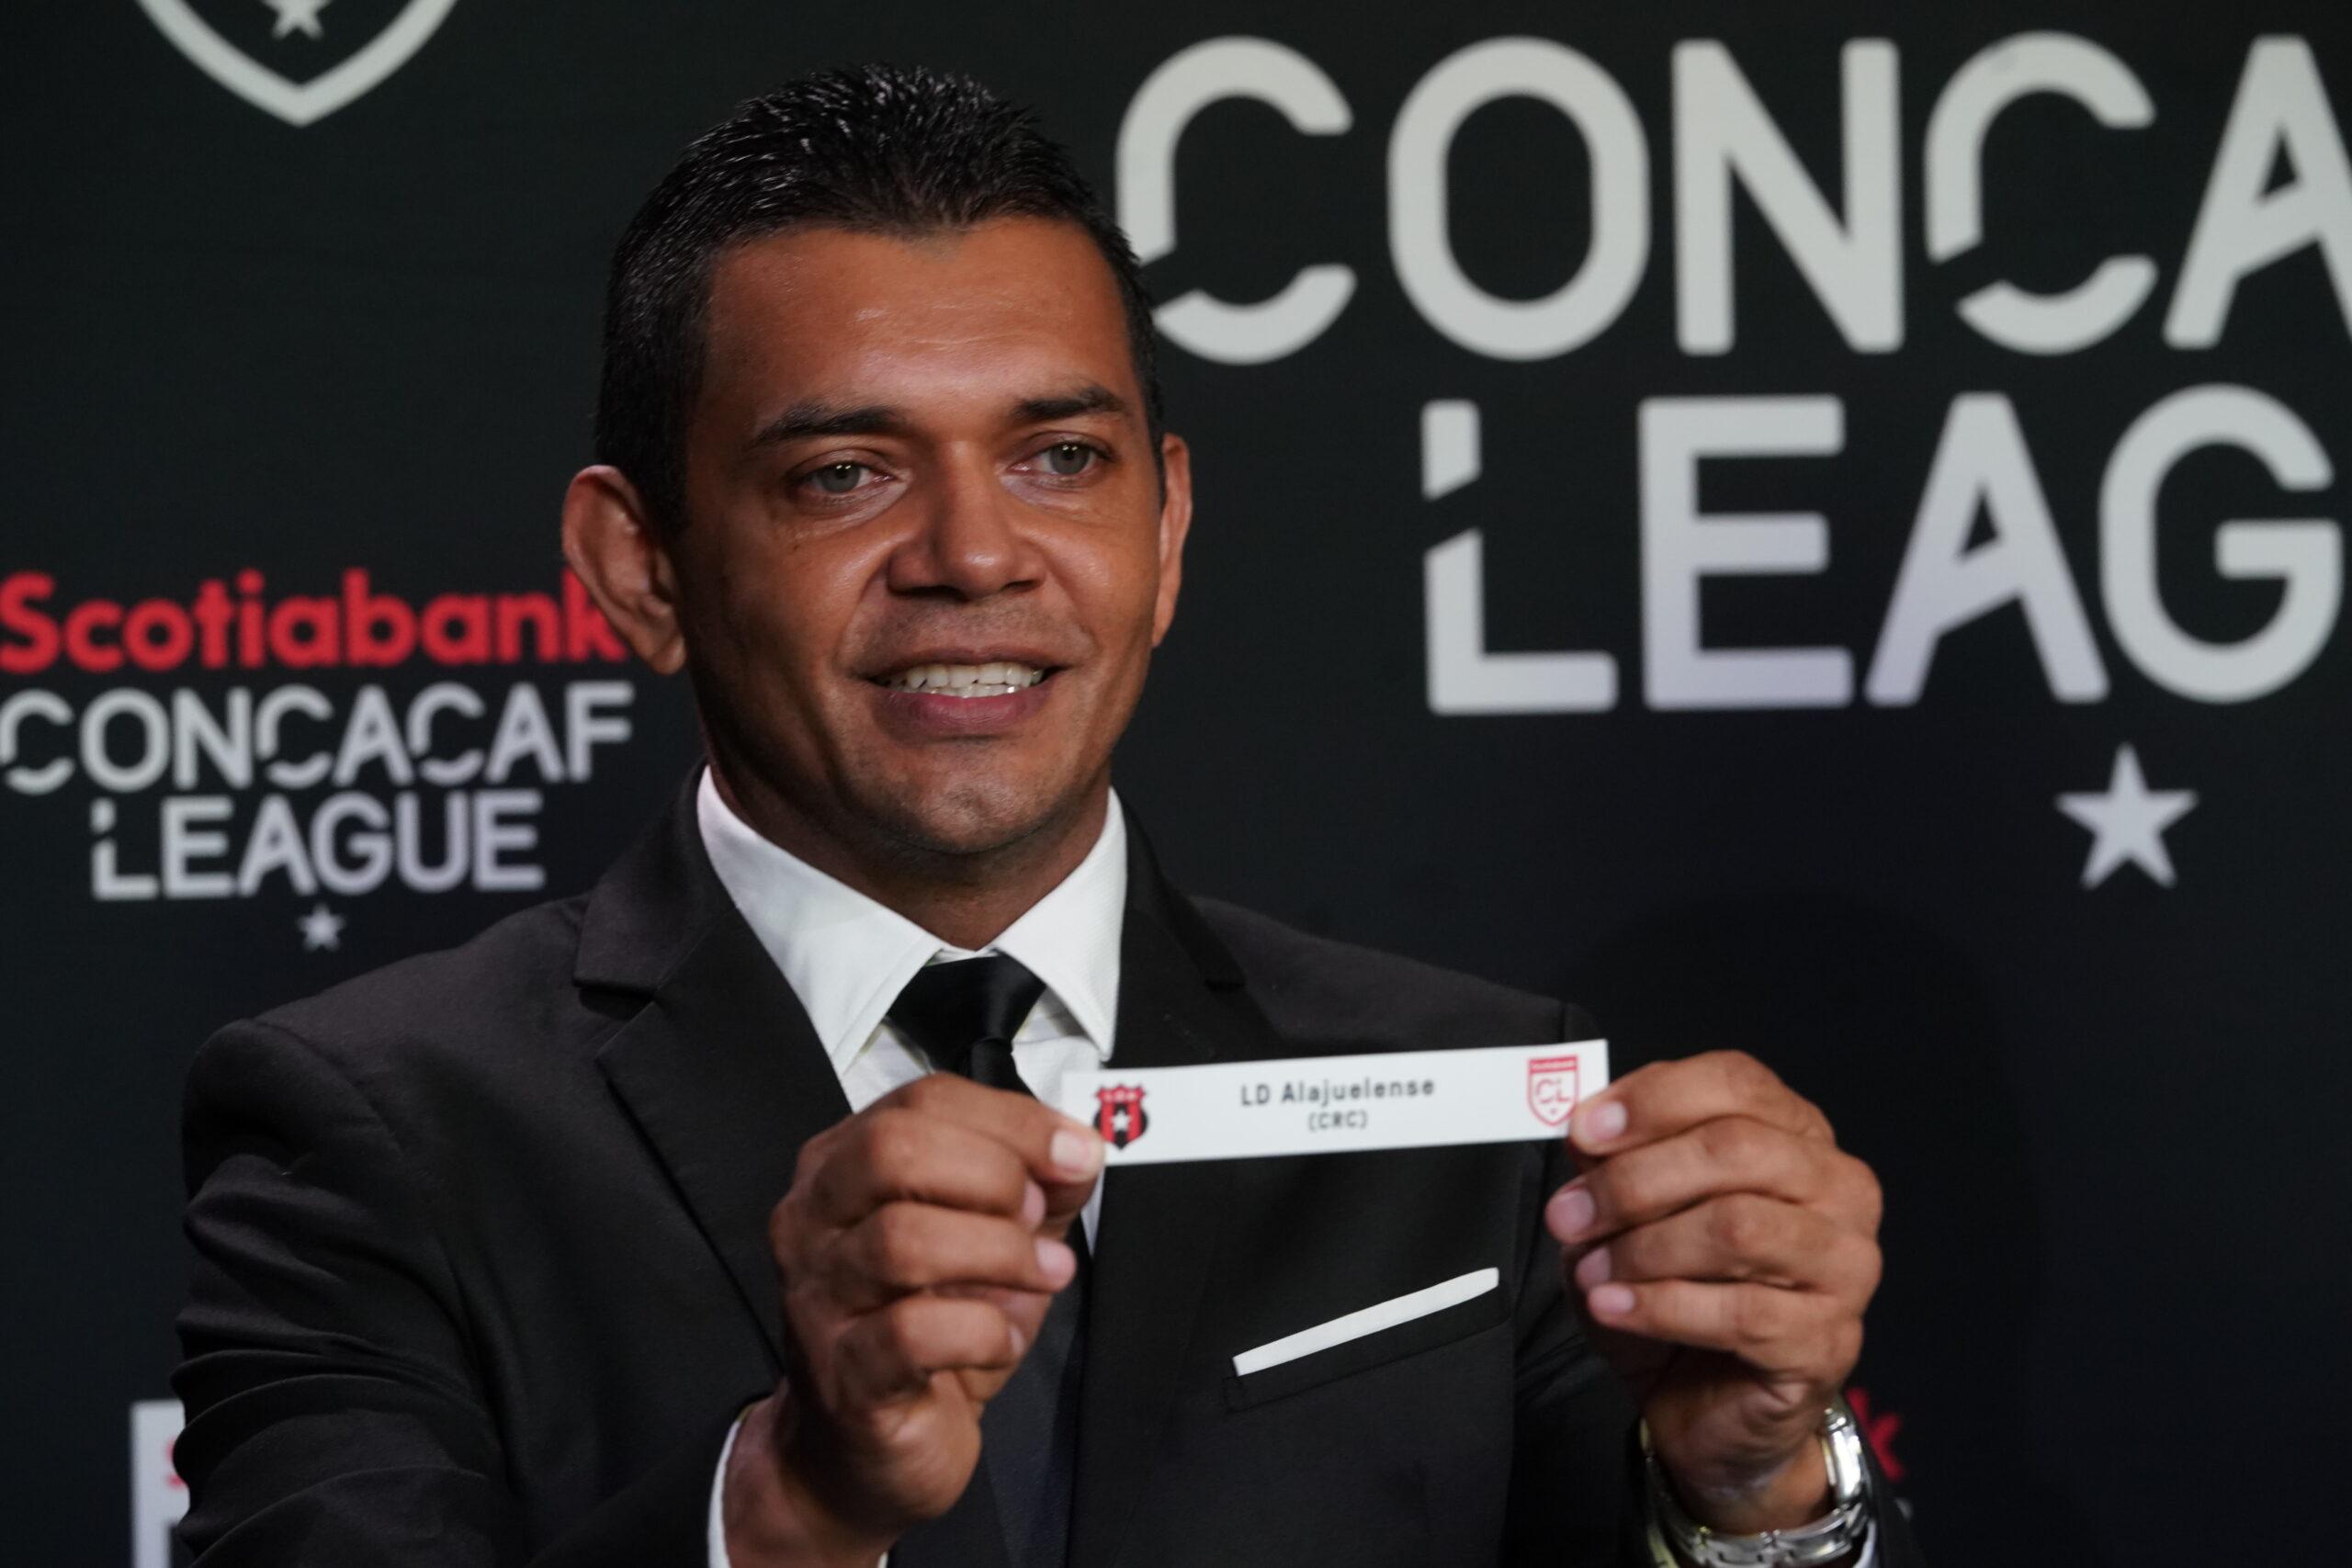 Alajuelense, Saprissa y Herediano conocieron rivales y su camino en la Liga Concacaf.